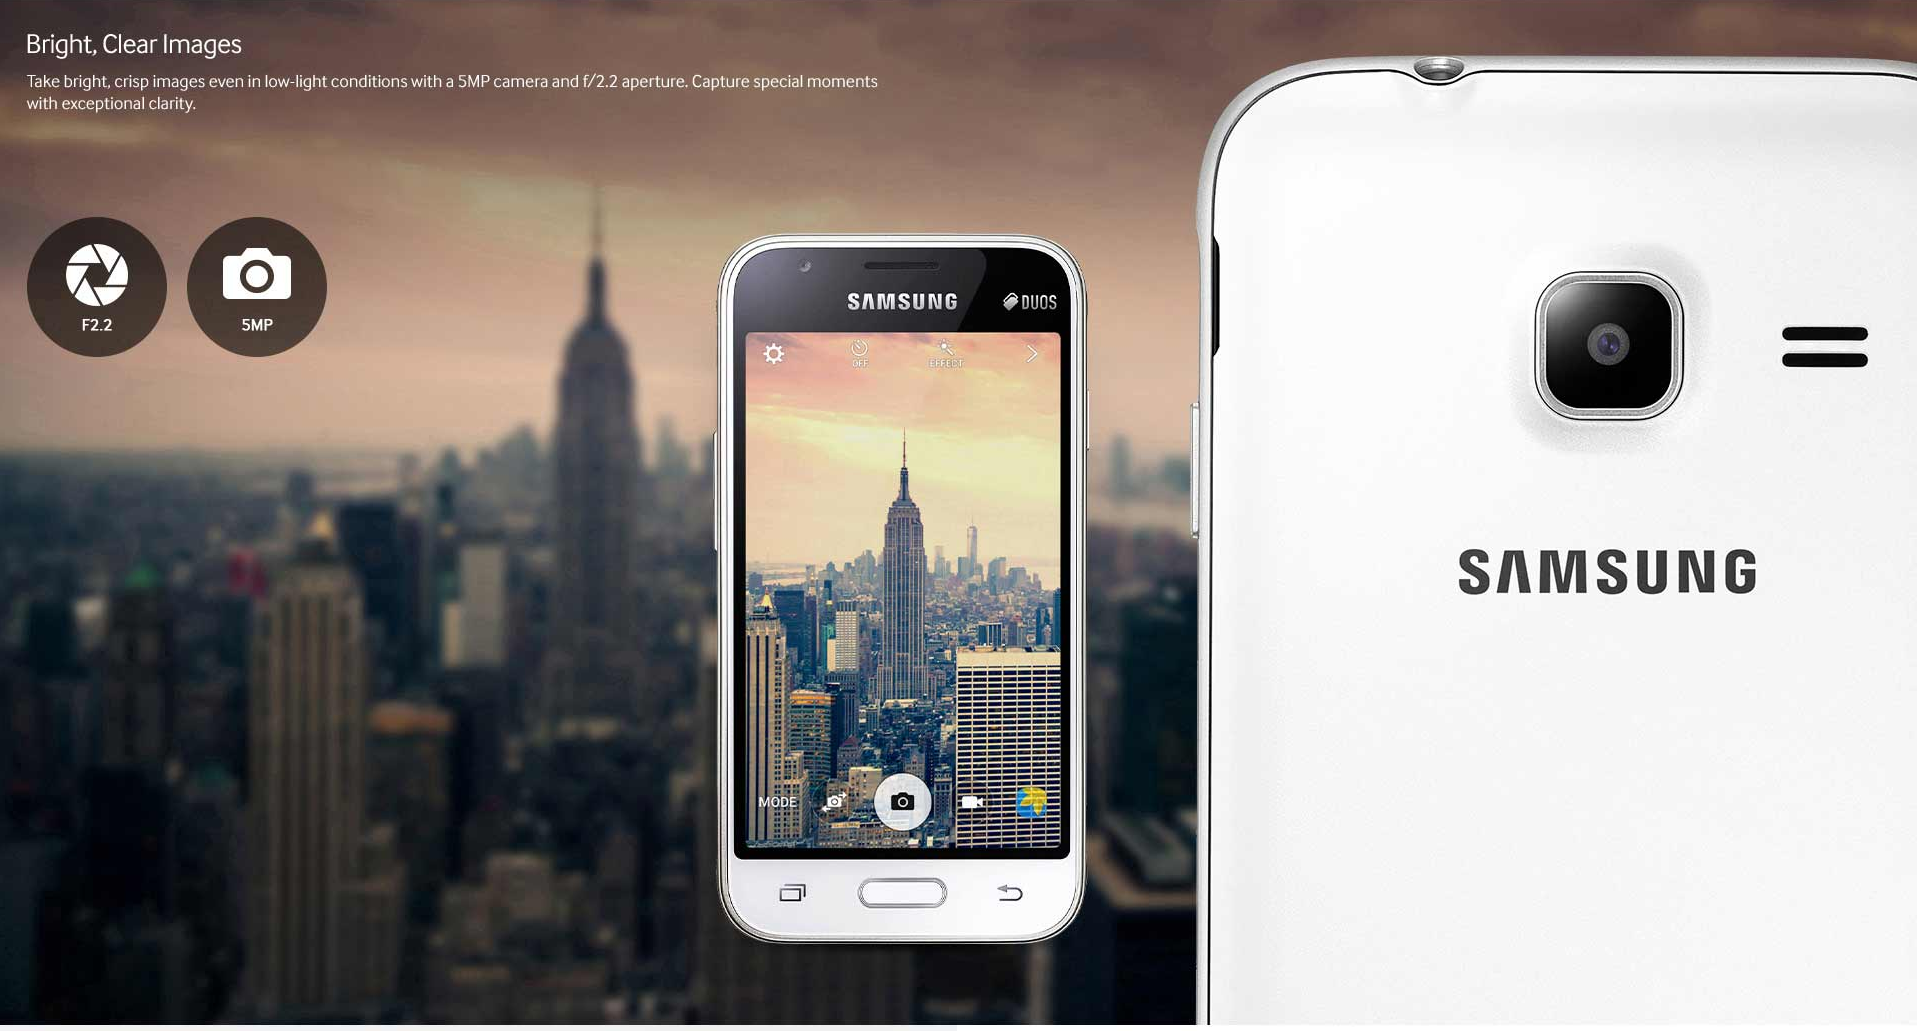 Samsung-Galaxy-J1-Mini-camera